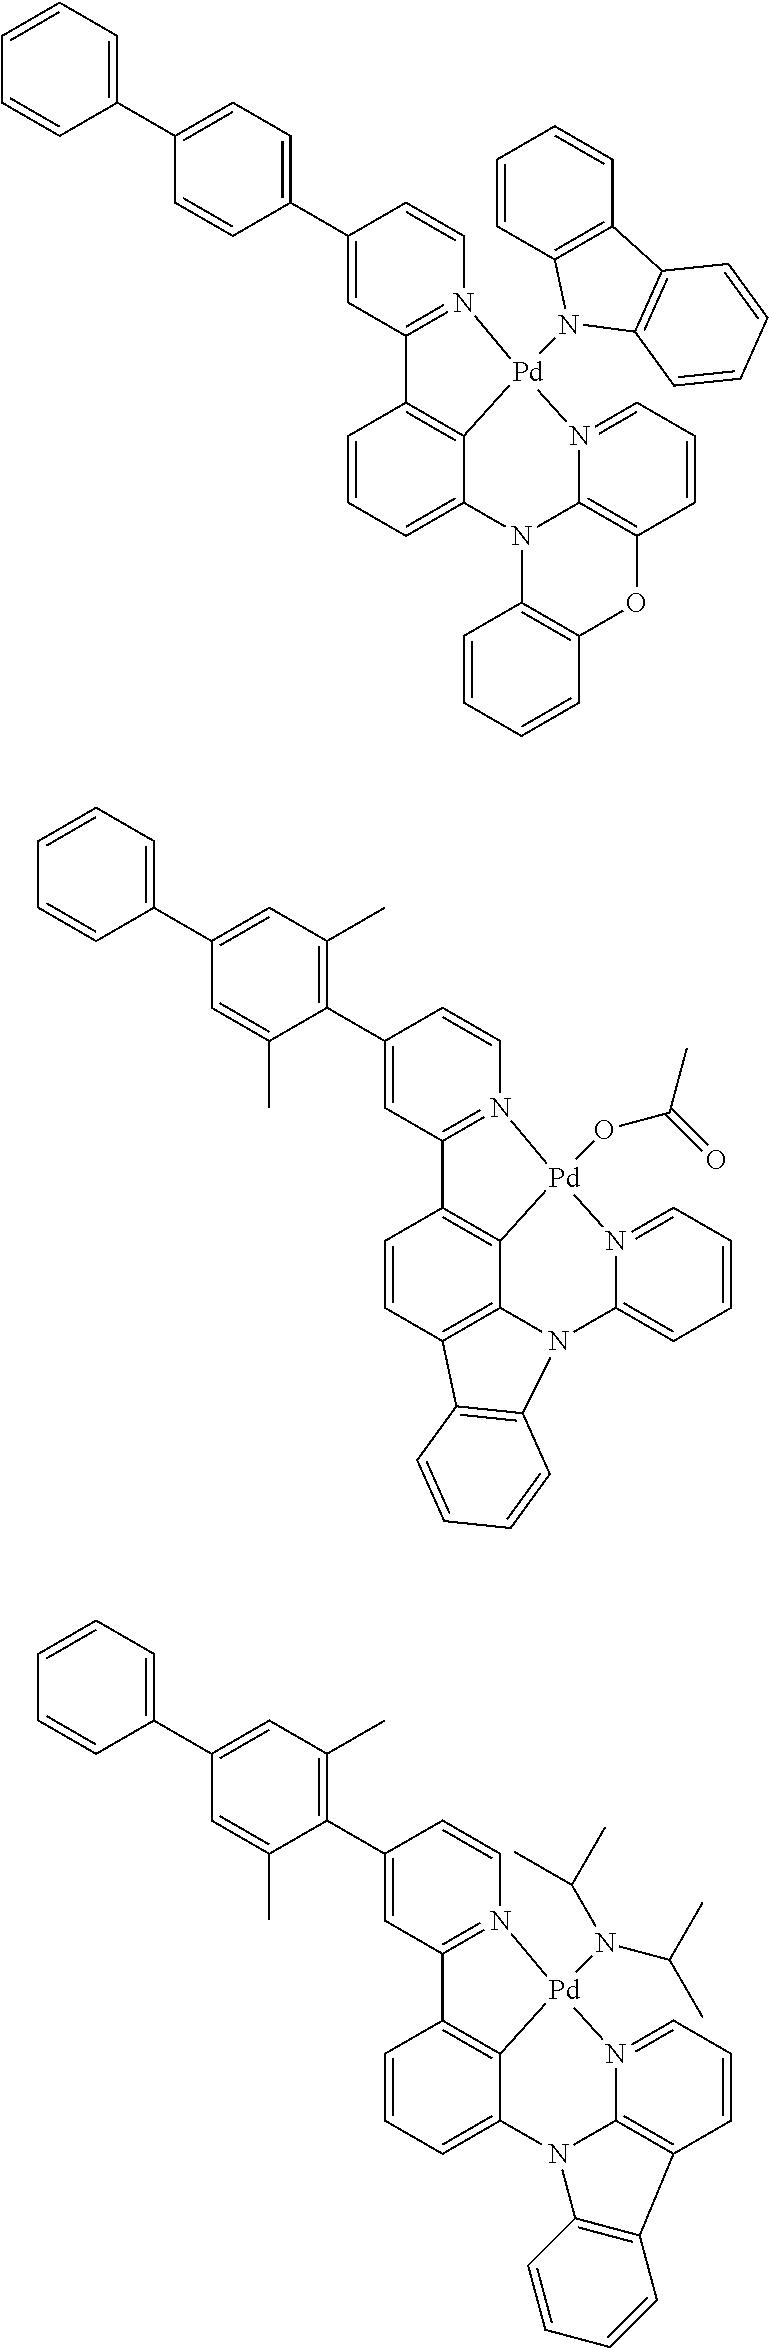 Figure US09818959-20171114-C00209